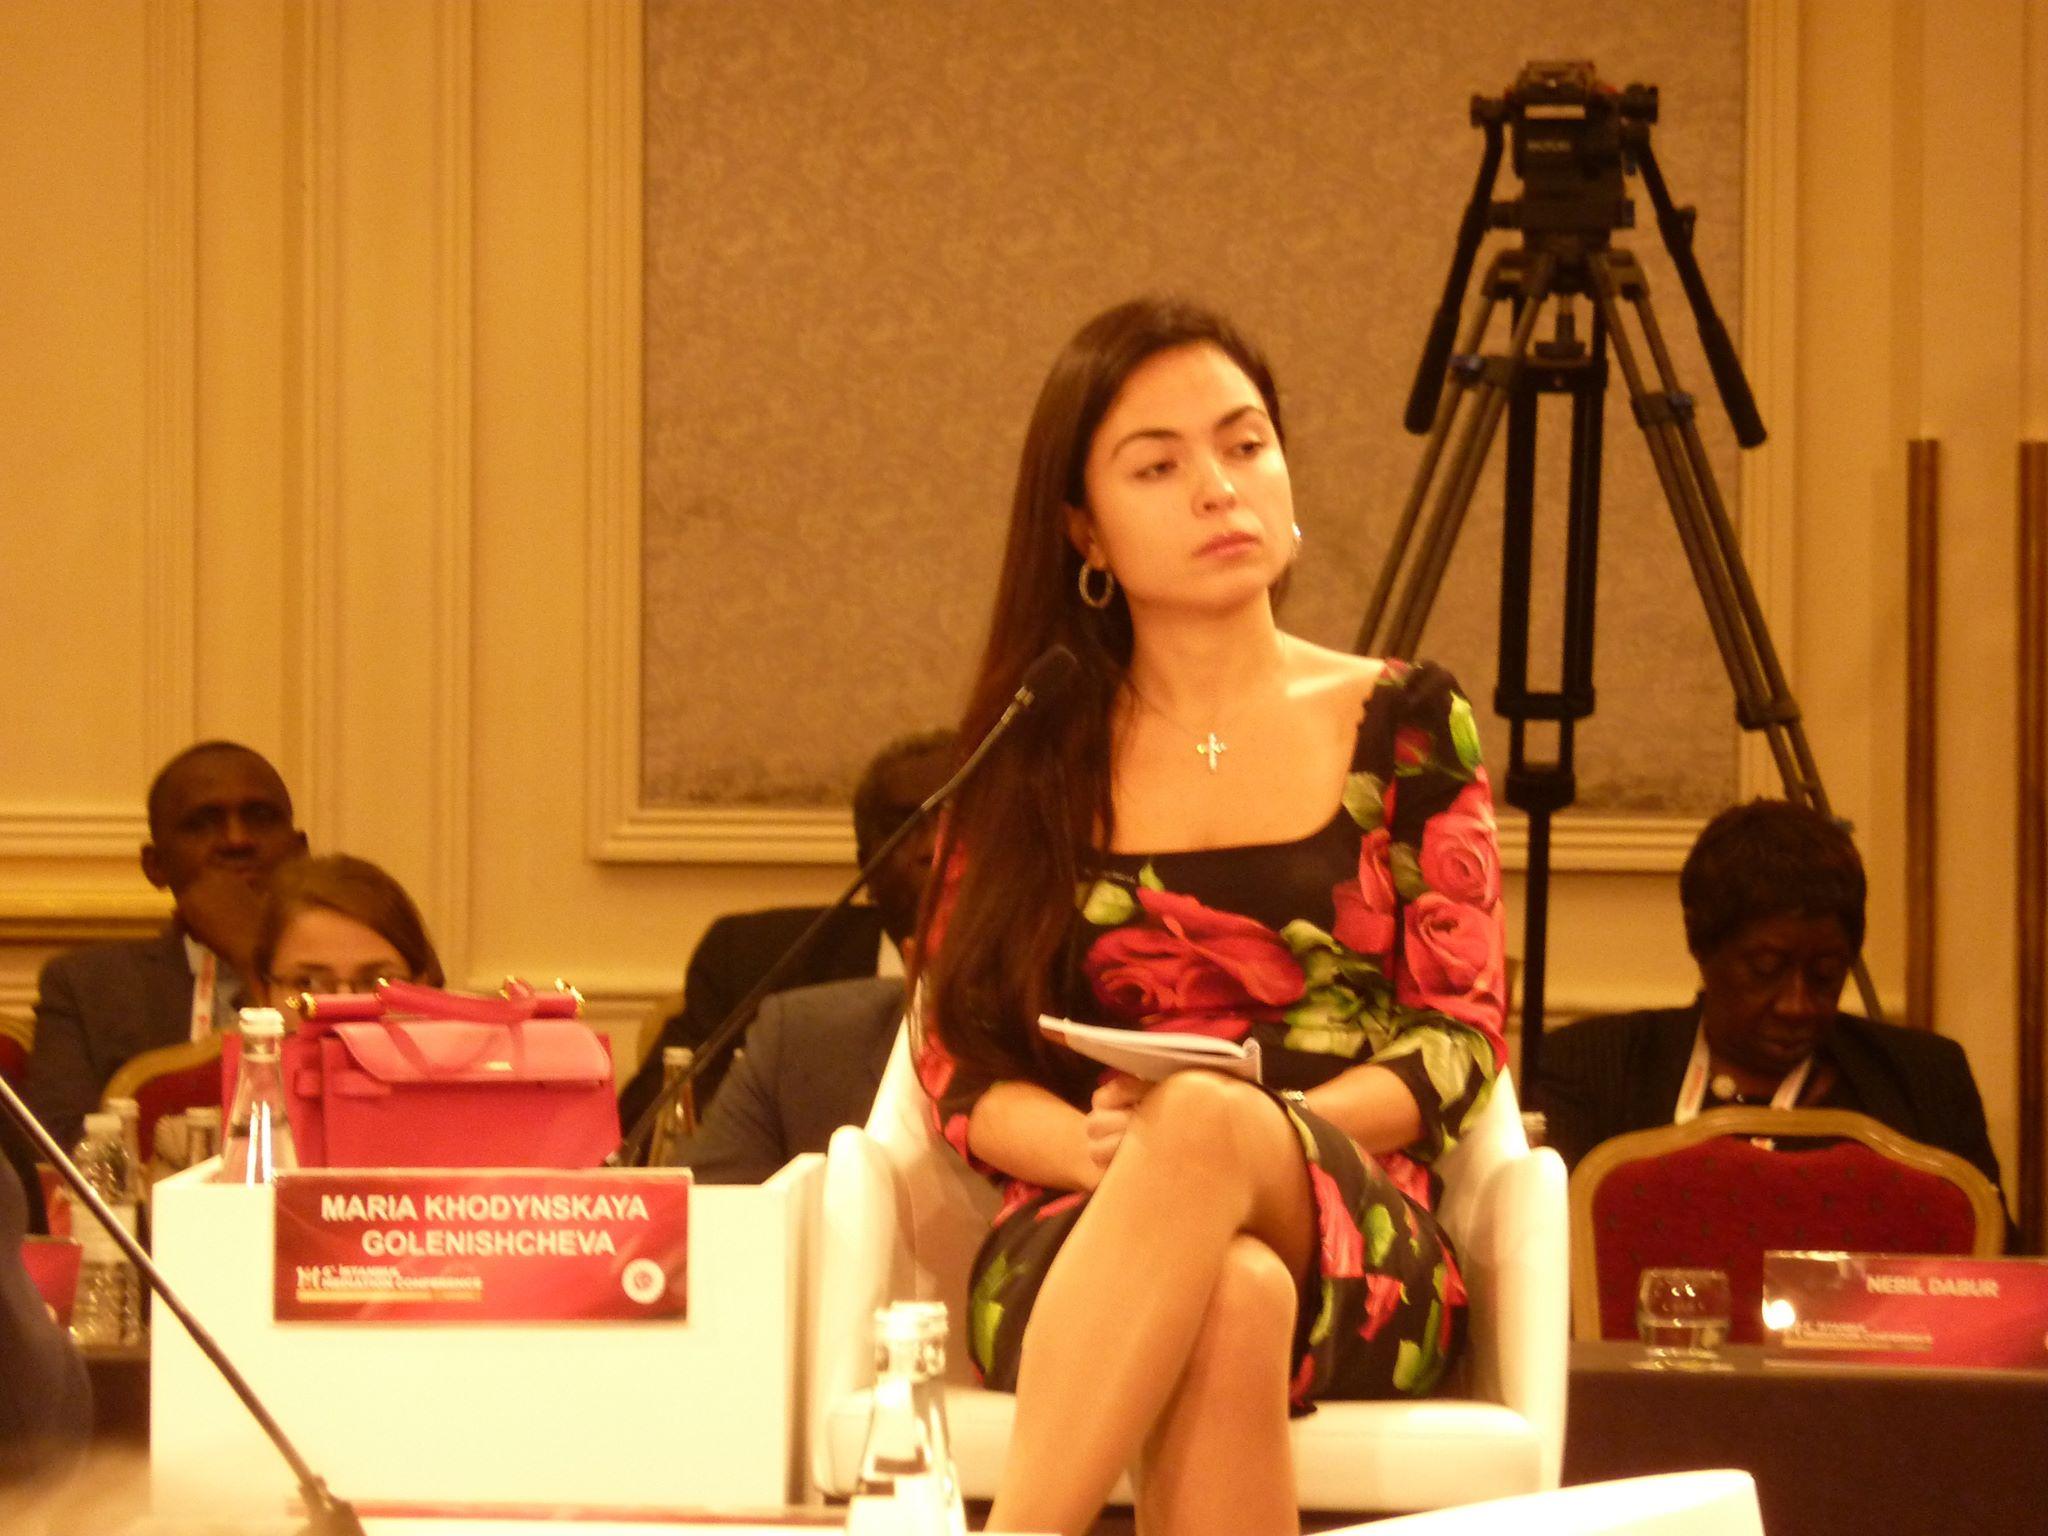 ڈاکٹر ماریہ خودنسکایہ گولینچی شچیوا ، فوٹو: افتخار گیلانی